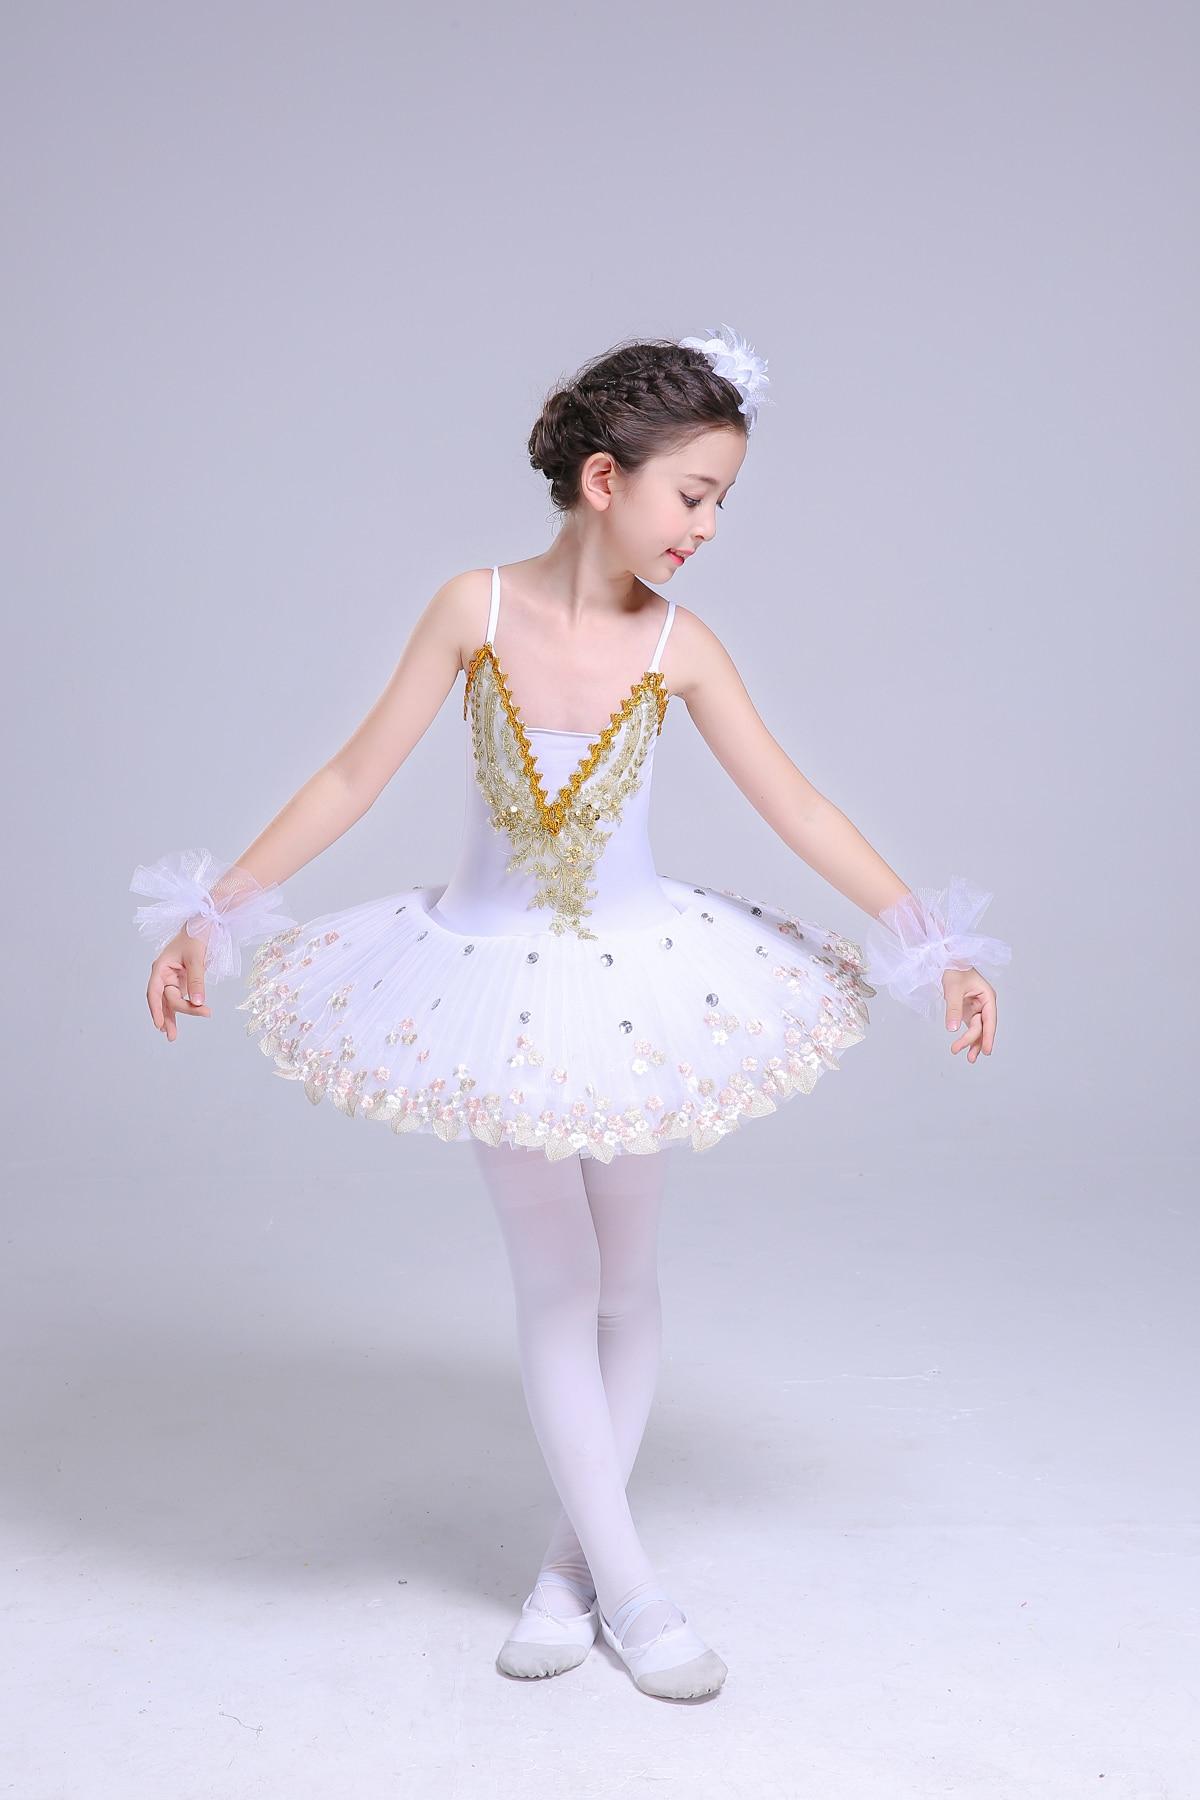 2018 summer toddler girls ballet dress athletic dance leotards dress ballet gymnastics LED light dress acrobatics for kid dancer dora the explorer little girls ballet dance pajama set